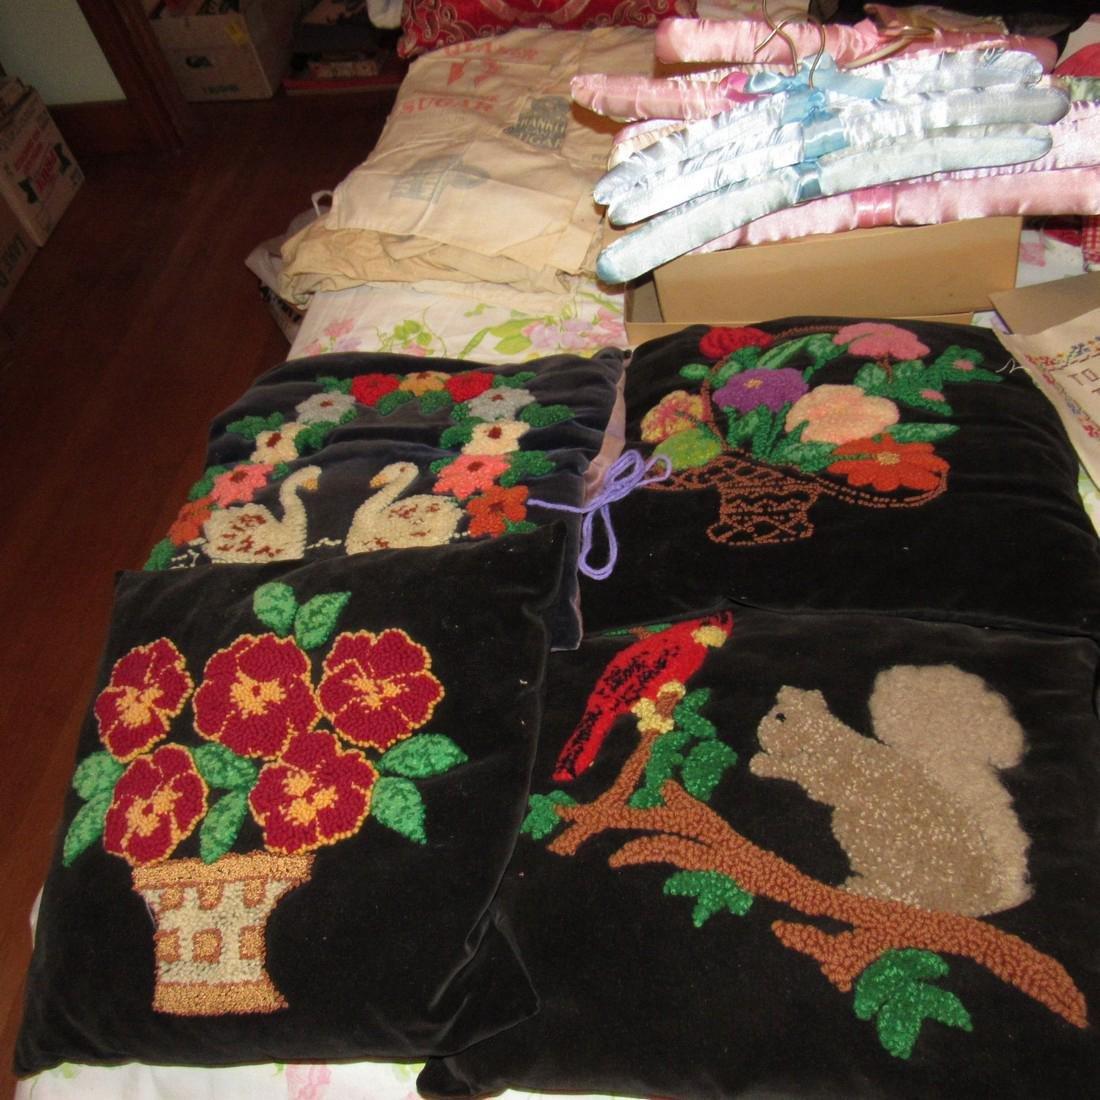 Bedspreads Pillows Blankets Doilies Hangers - 2